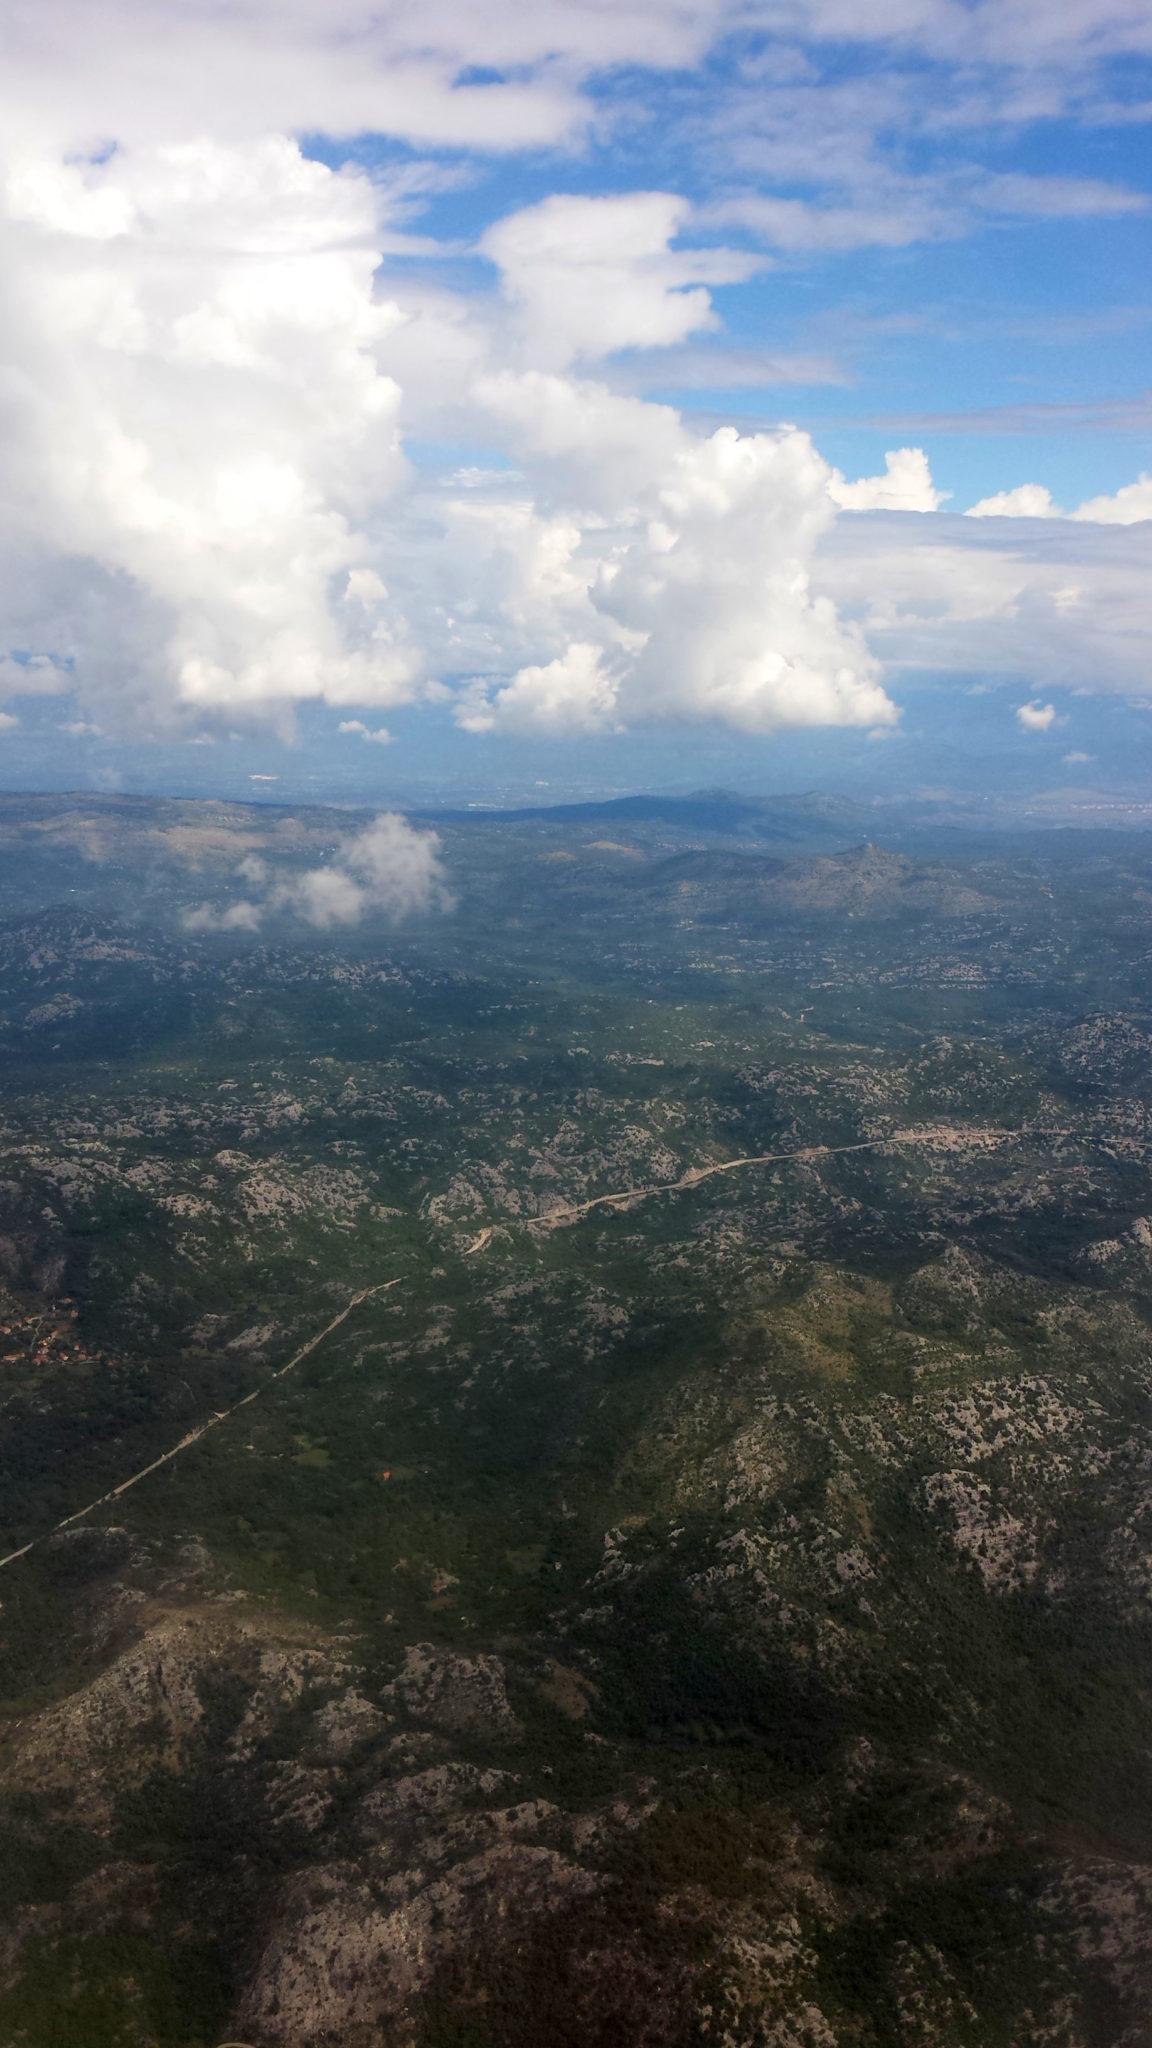 Hema_Montenegro_vue_ciel_sky_view3